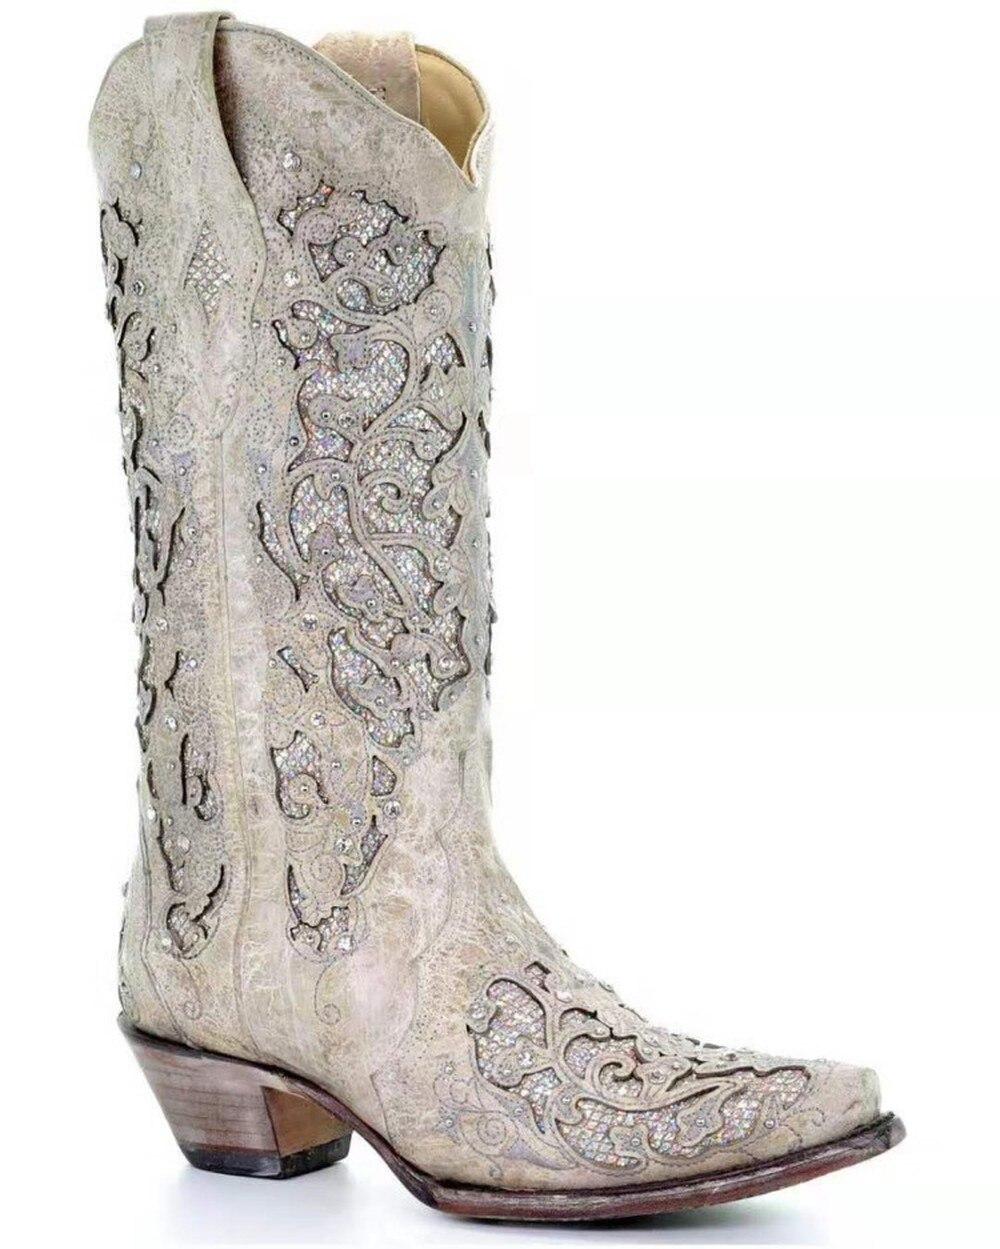 أحذية تشيلسي ذات كعب سميك وأحجار الراين ، أحذية نسائية بمقدمة مربعة ، أحذية رعاة البقر الغربية المنحوتة في الركبة ، مقاس كبير 34-43